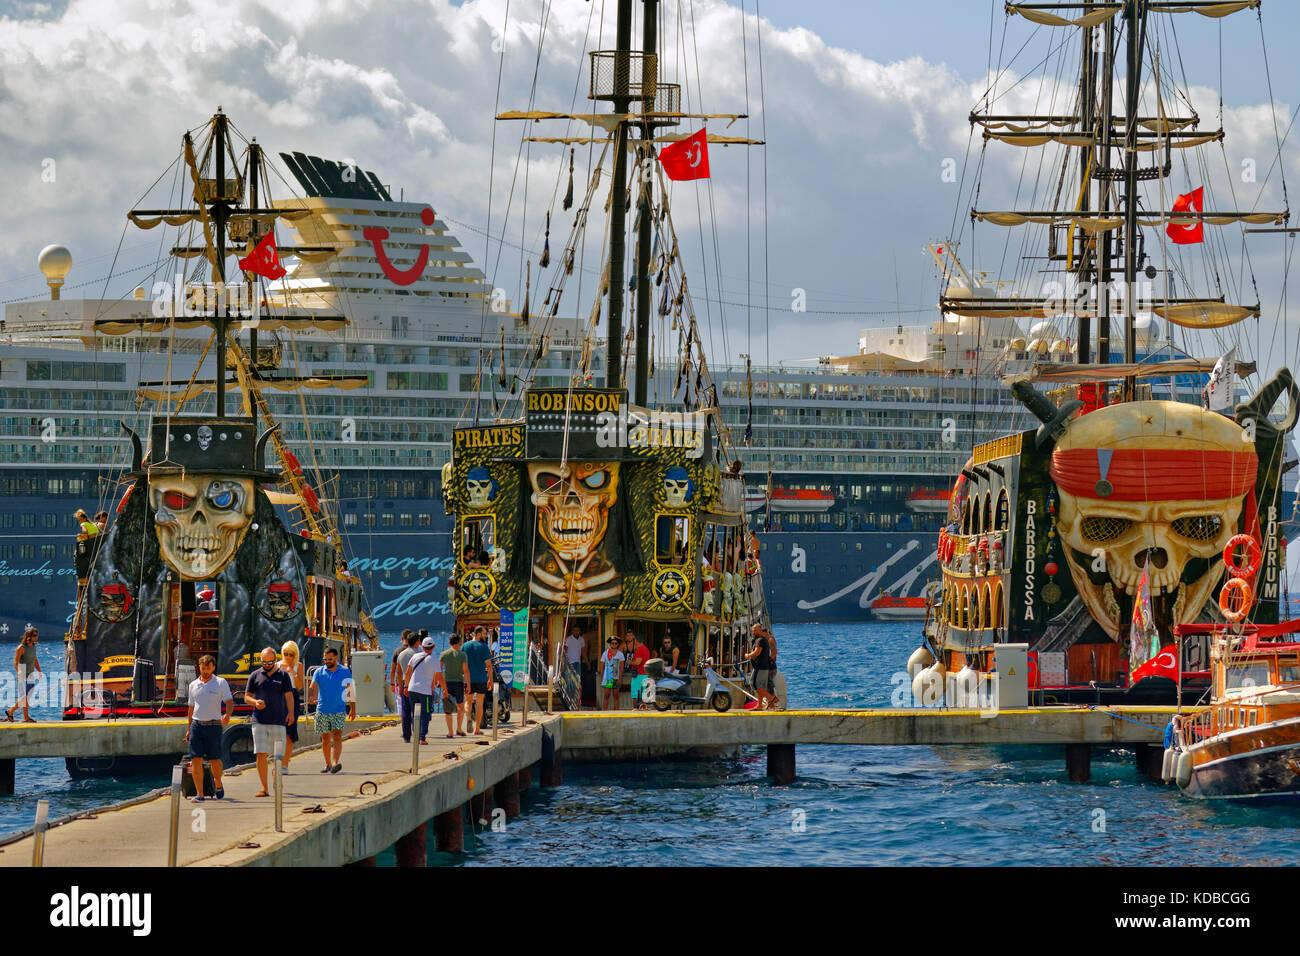 Letto A Forma Di Nave Pirata : Nave pirata drake steboambiente giochi per parchi